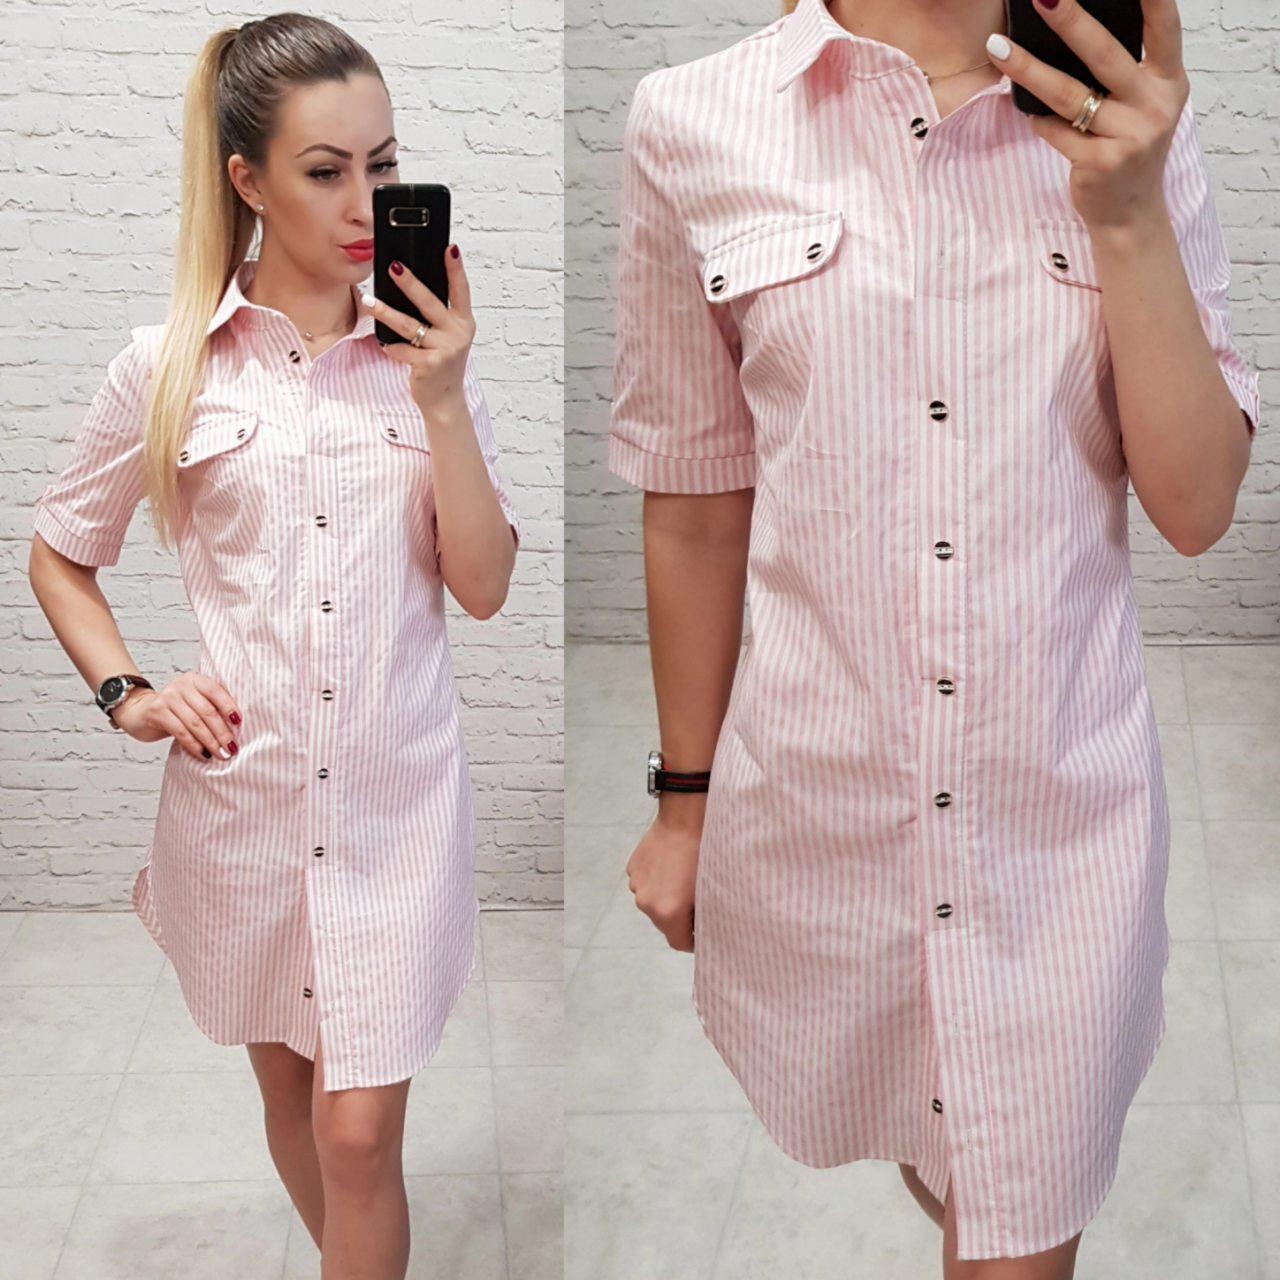 Платье-рубашка, модель 827, цвет - розовый, принт - полоска